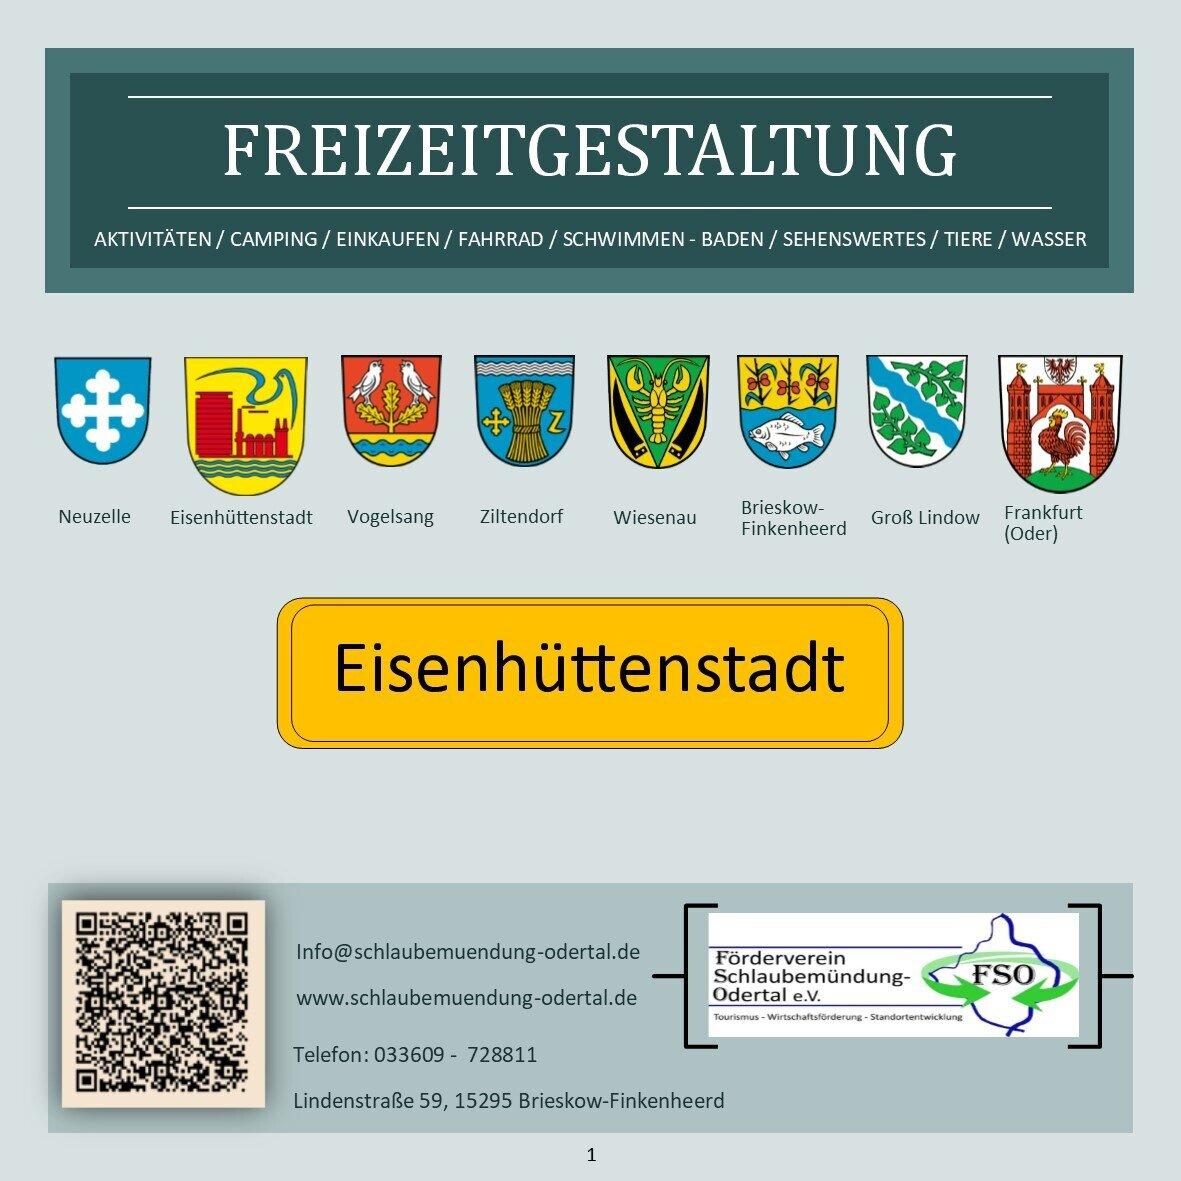 Eisenh_ttenstadt_Freizeitgestaltung1